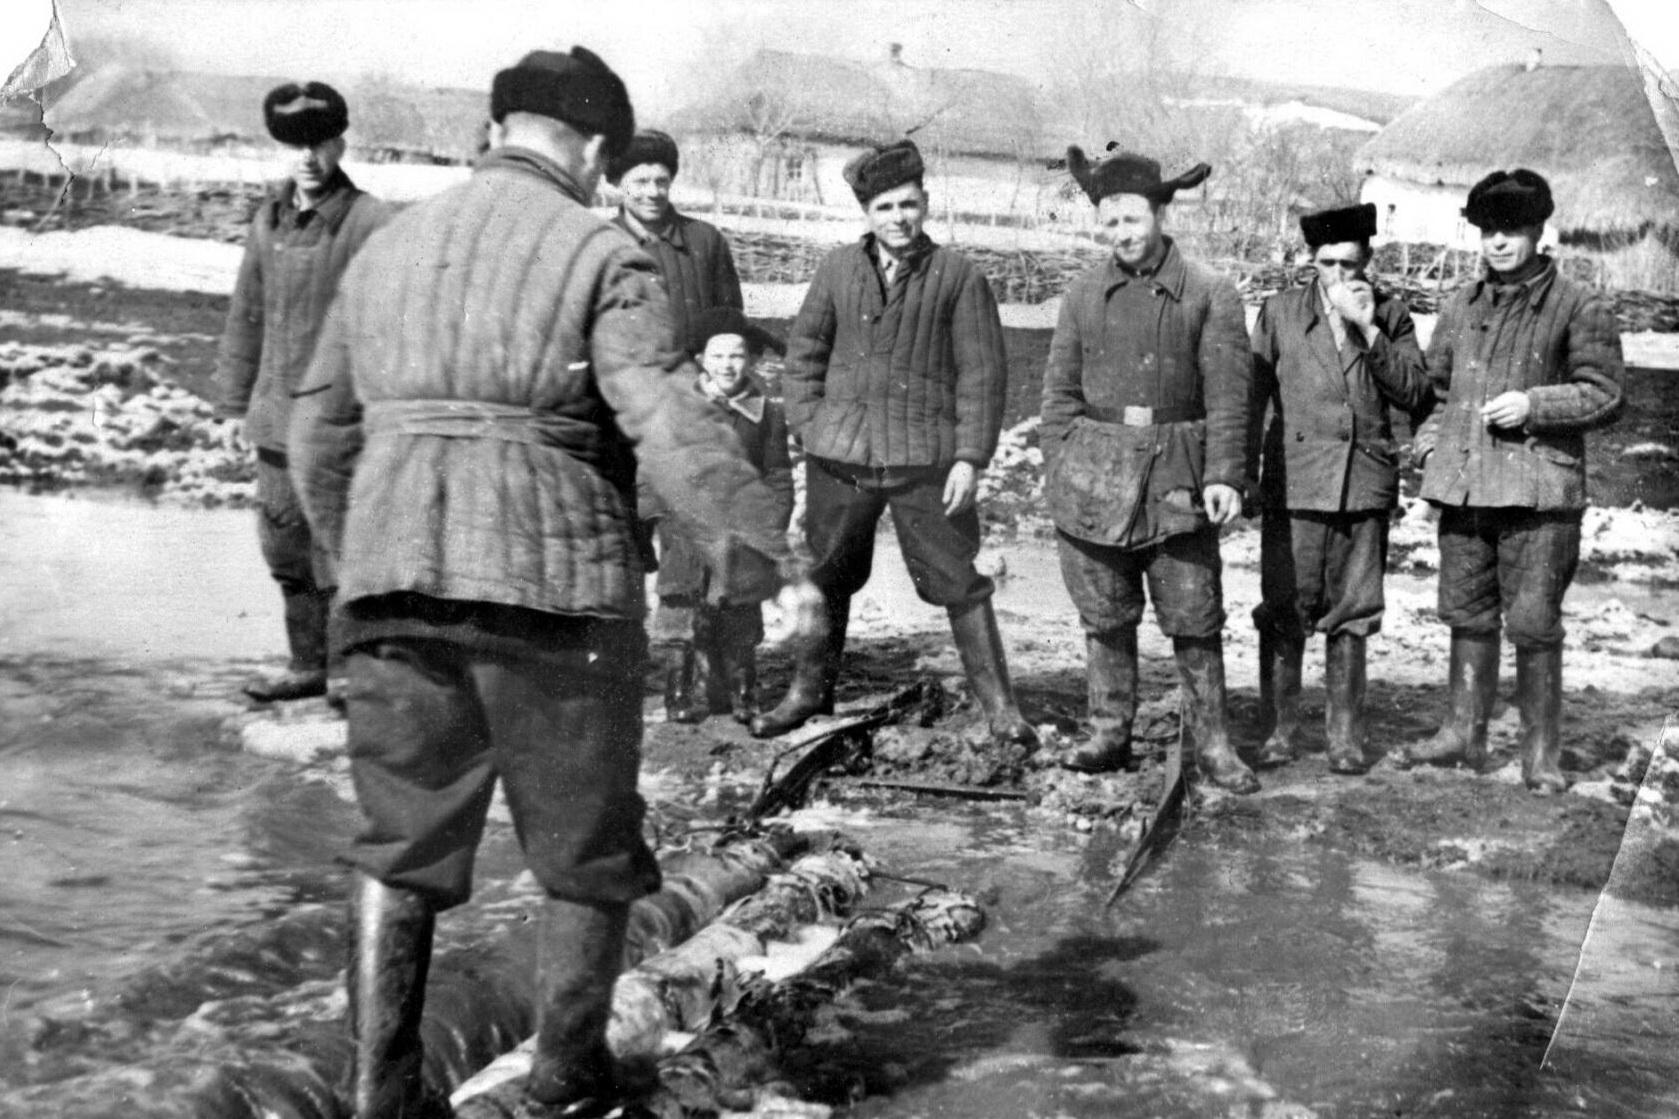 Временный переход  в Ержовку во время половодья (60-е годы). Диденко — третий справа. Фото – предоставлено Вячеславом Пометовым